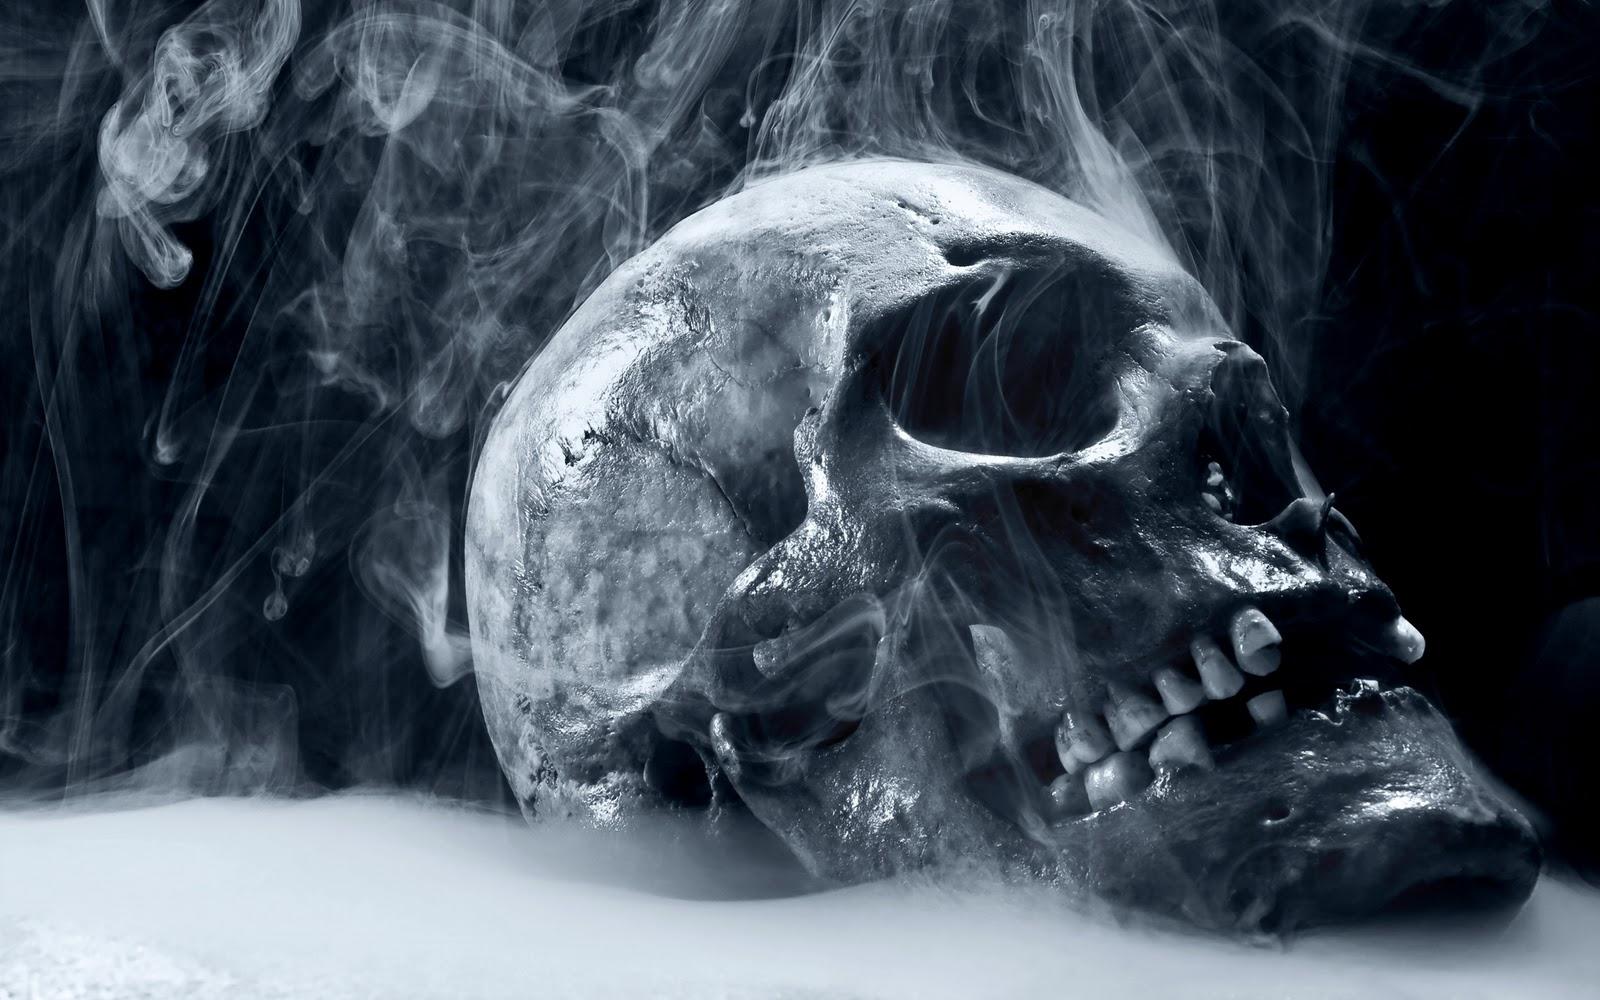 http://2.bp.blogspot.com/-wNsk8Svrers/Ty_LL7n07hI/AAAAAAAABwo/uzLdKO3jKvo/s1600/wallpapers_horror-7.jpg